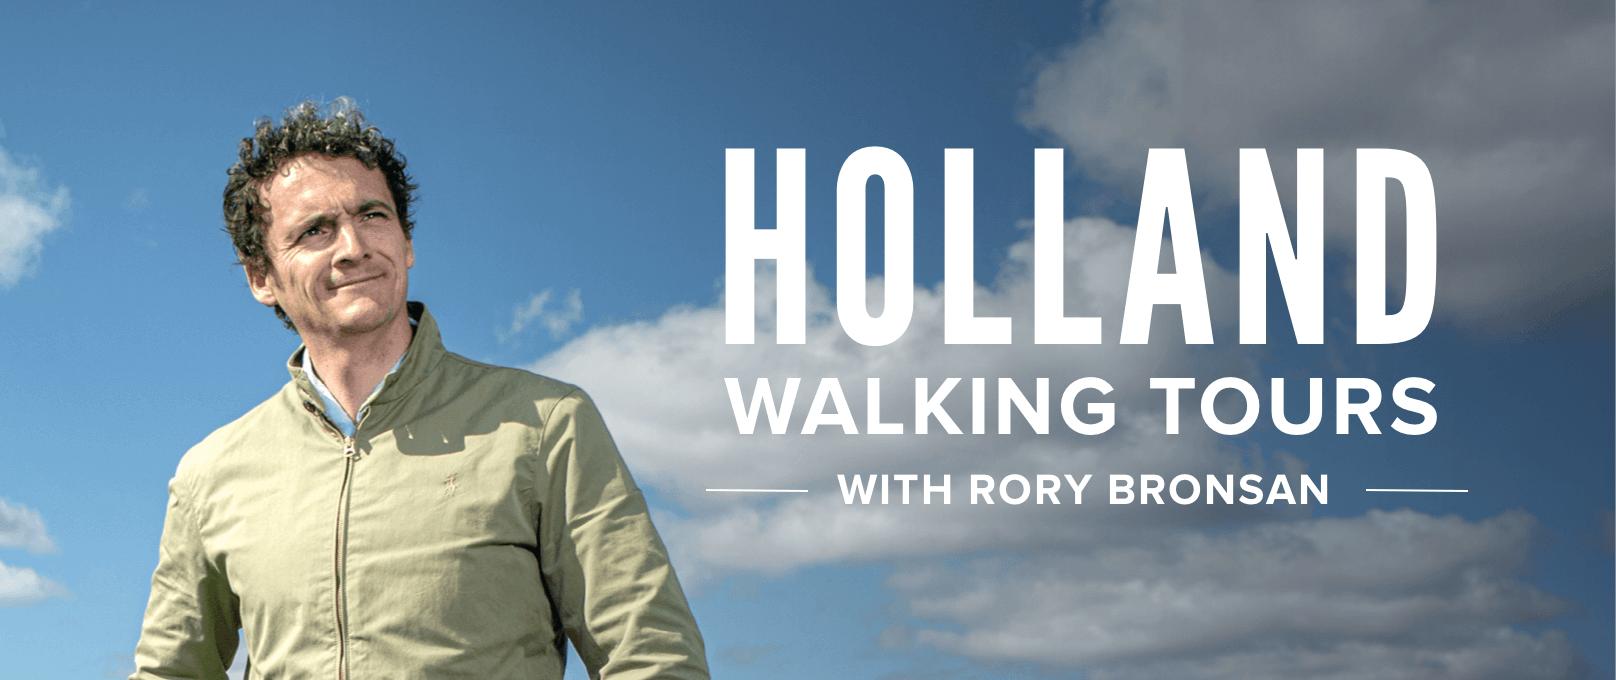 iFit Holland Walking Tours Series walking workouts